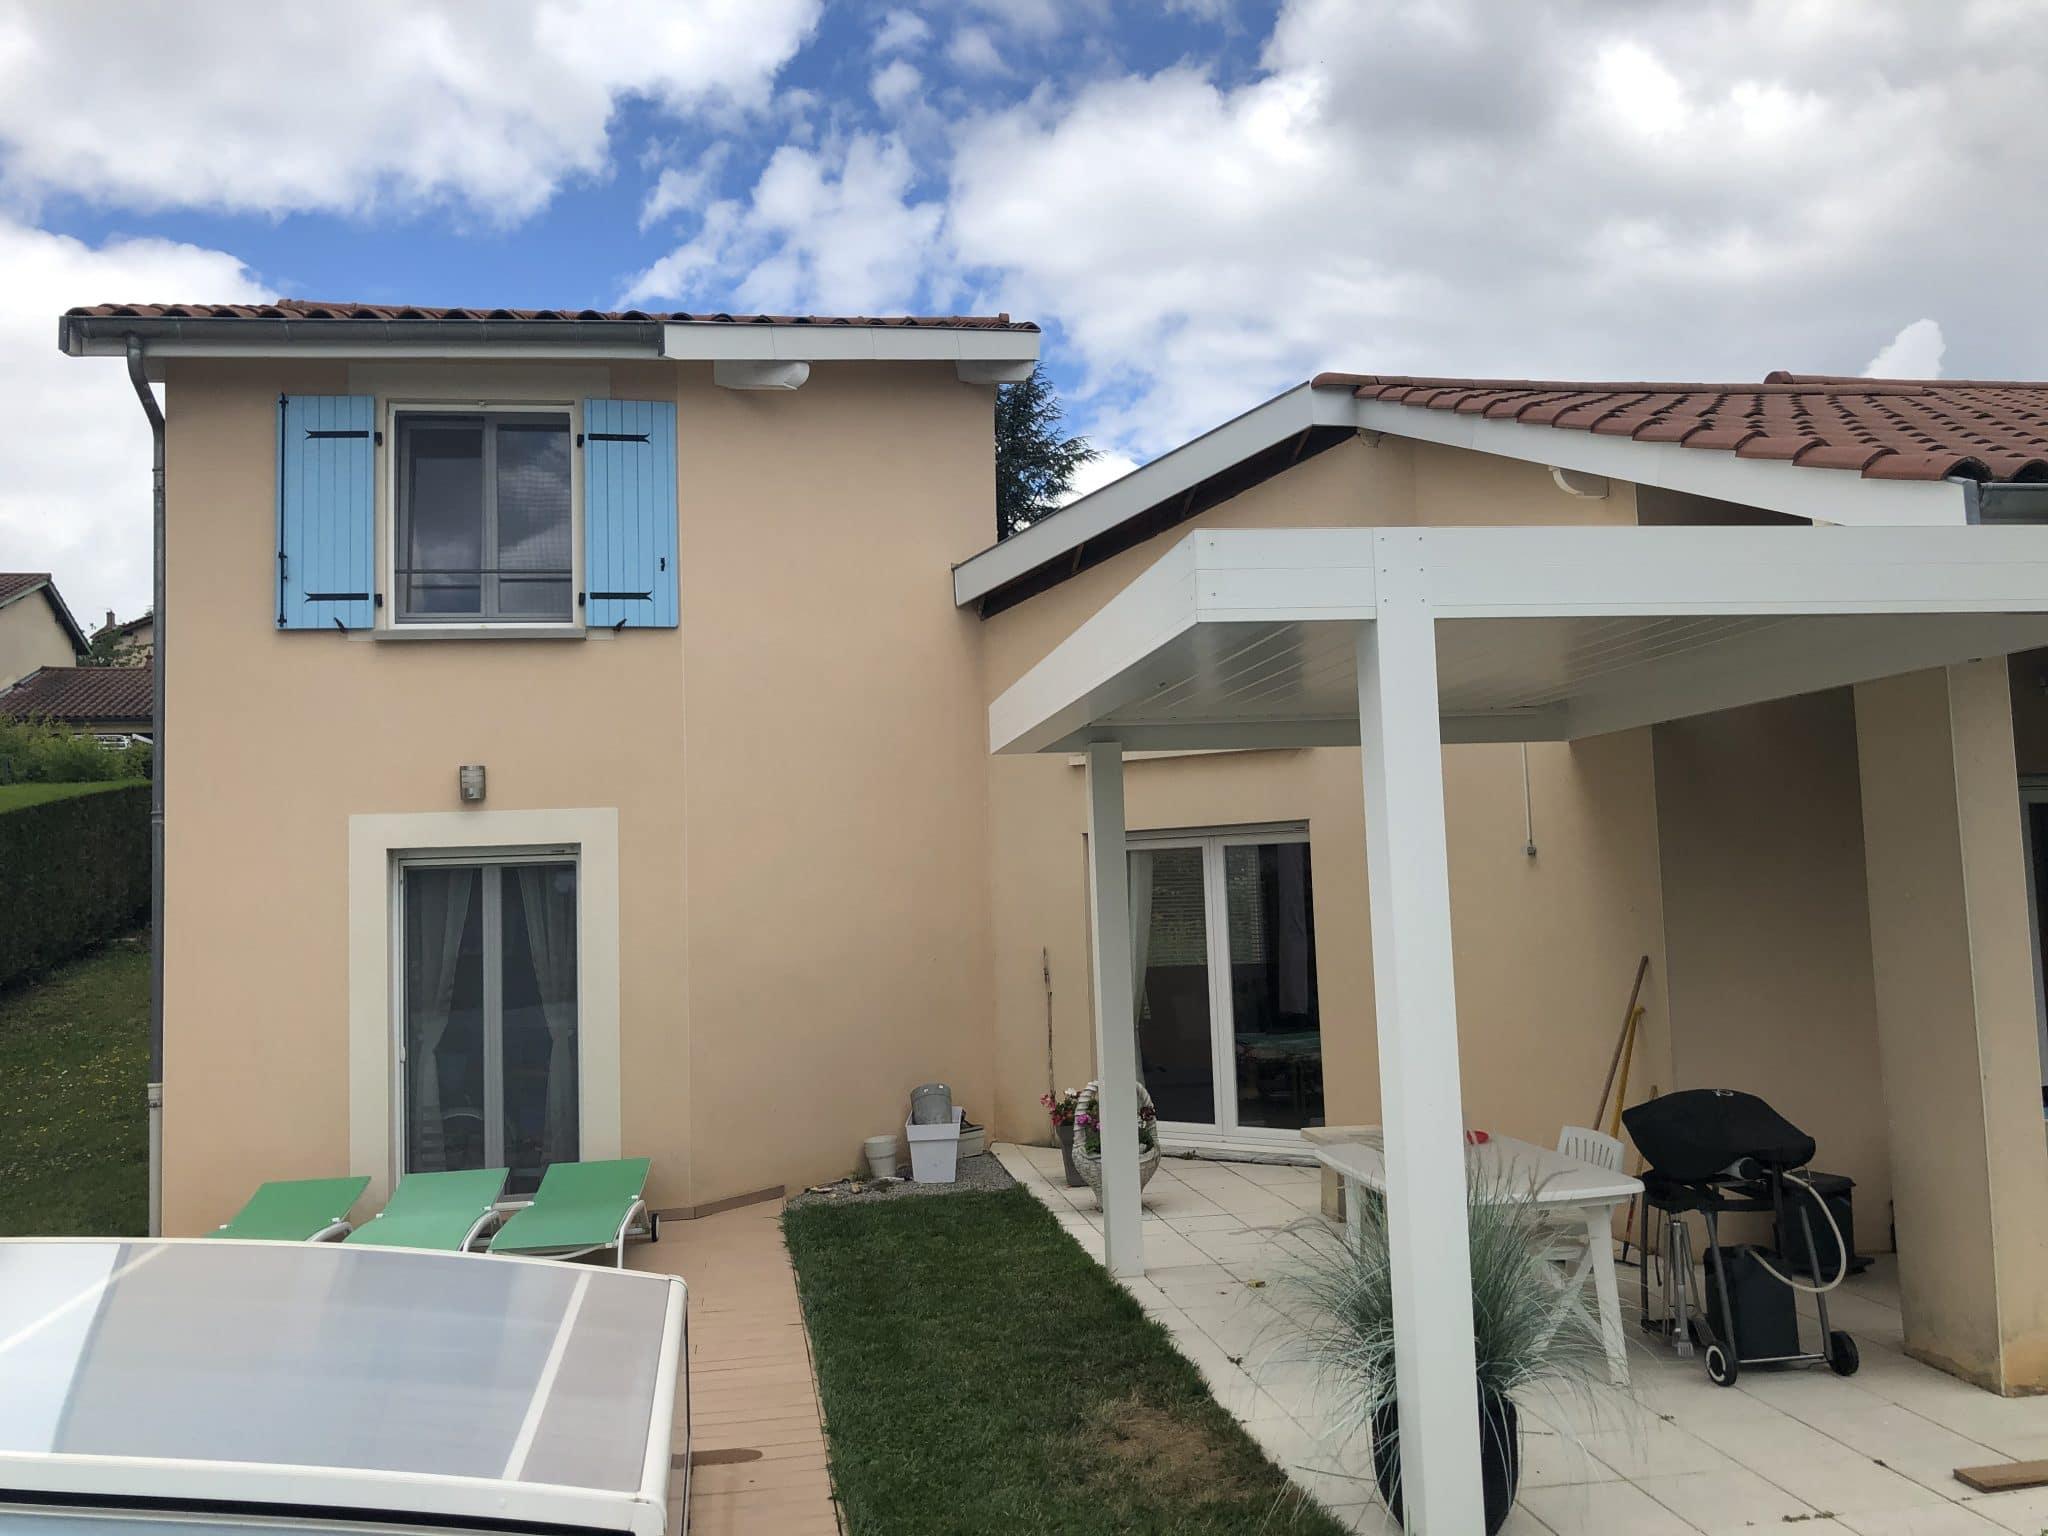 Extension de maison à Tassin-la-Demi-Lune (69)